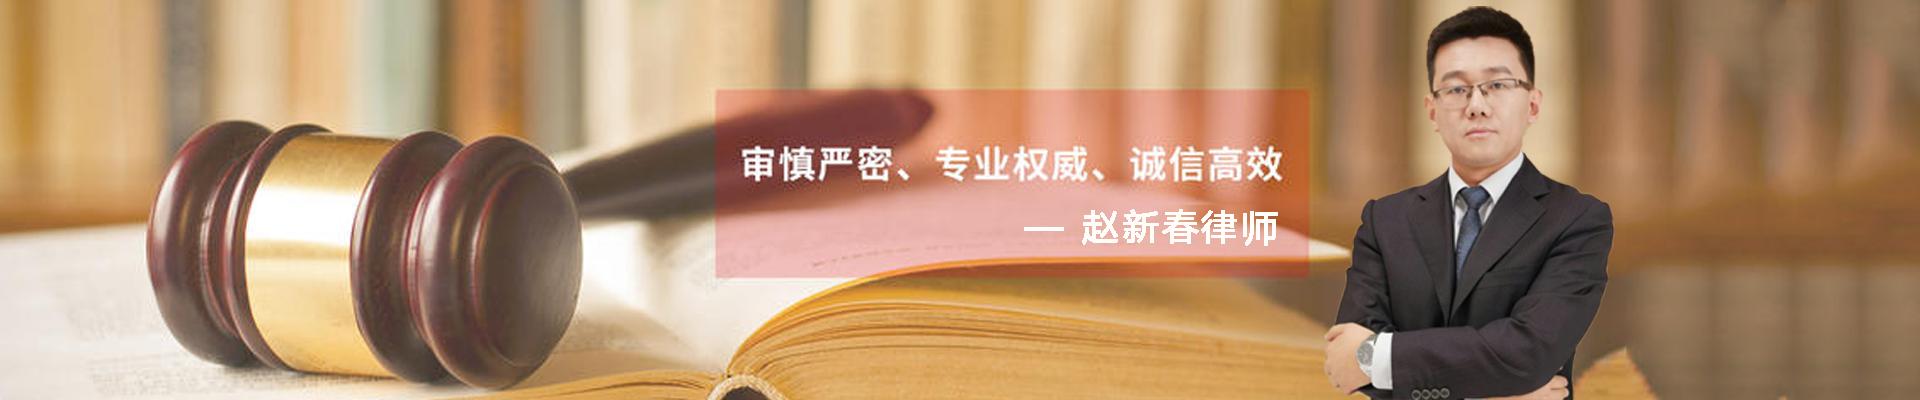 北京连锁加盟律师